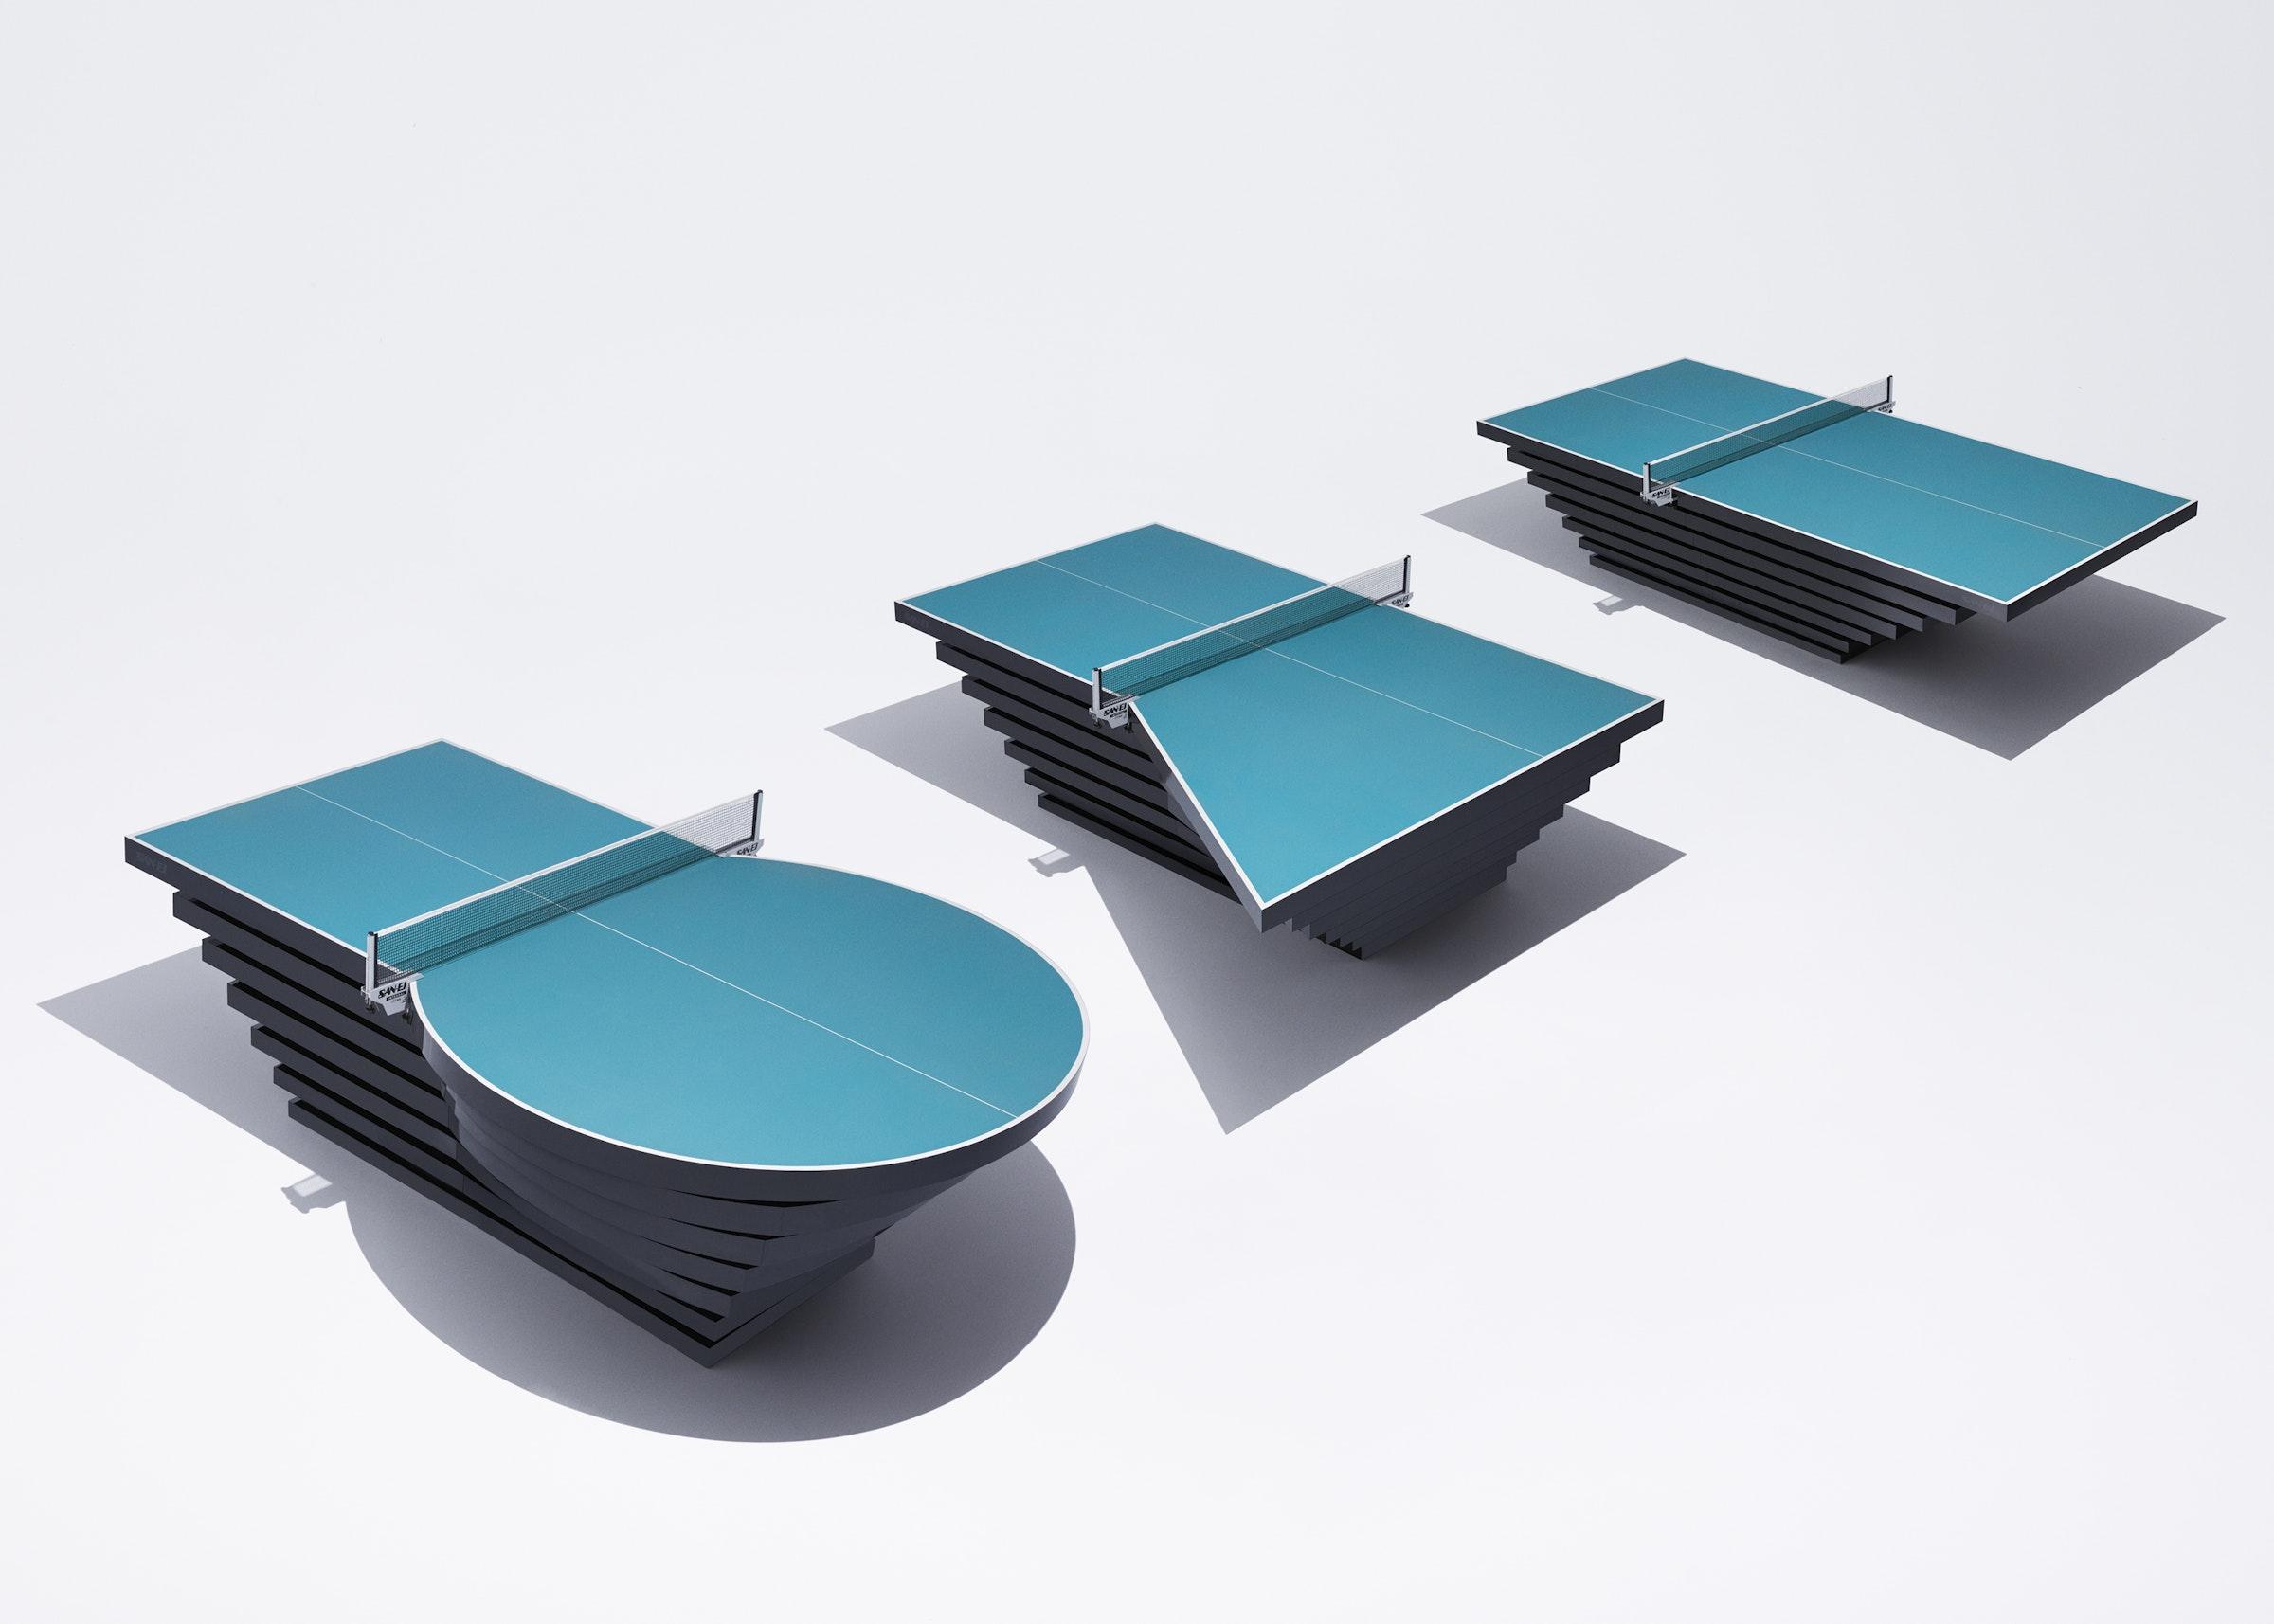 画像: 「Wheeliy」の他にもquantumが携わったプロジェクトとして、パラ卓球の選手の多様なチャレンジを再現した卓球台「PARA PINGPON TABLE」がある